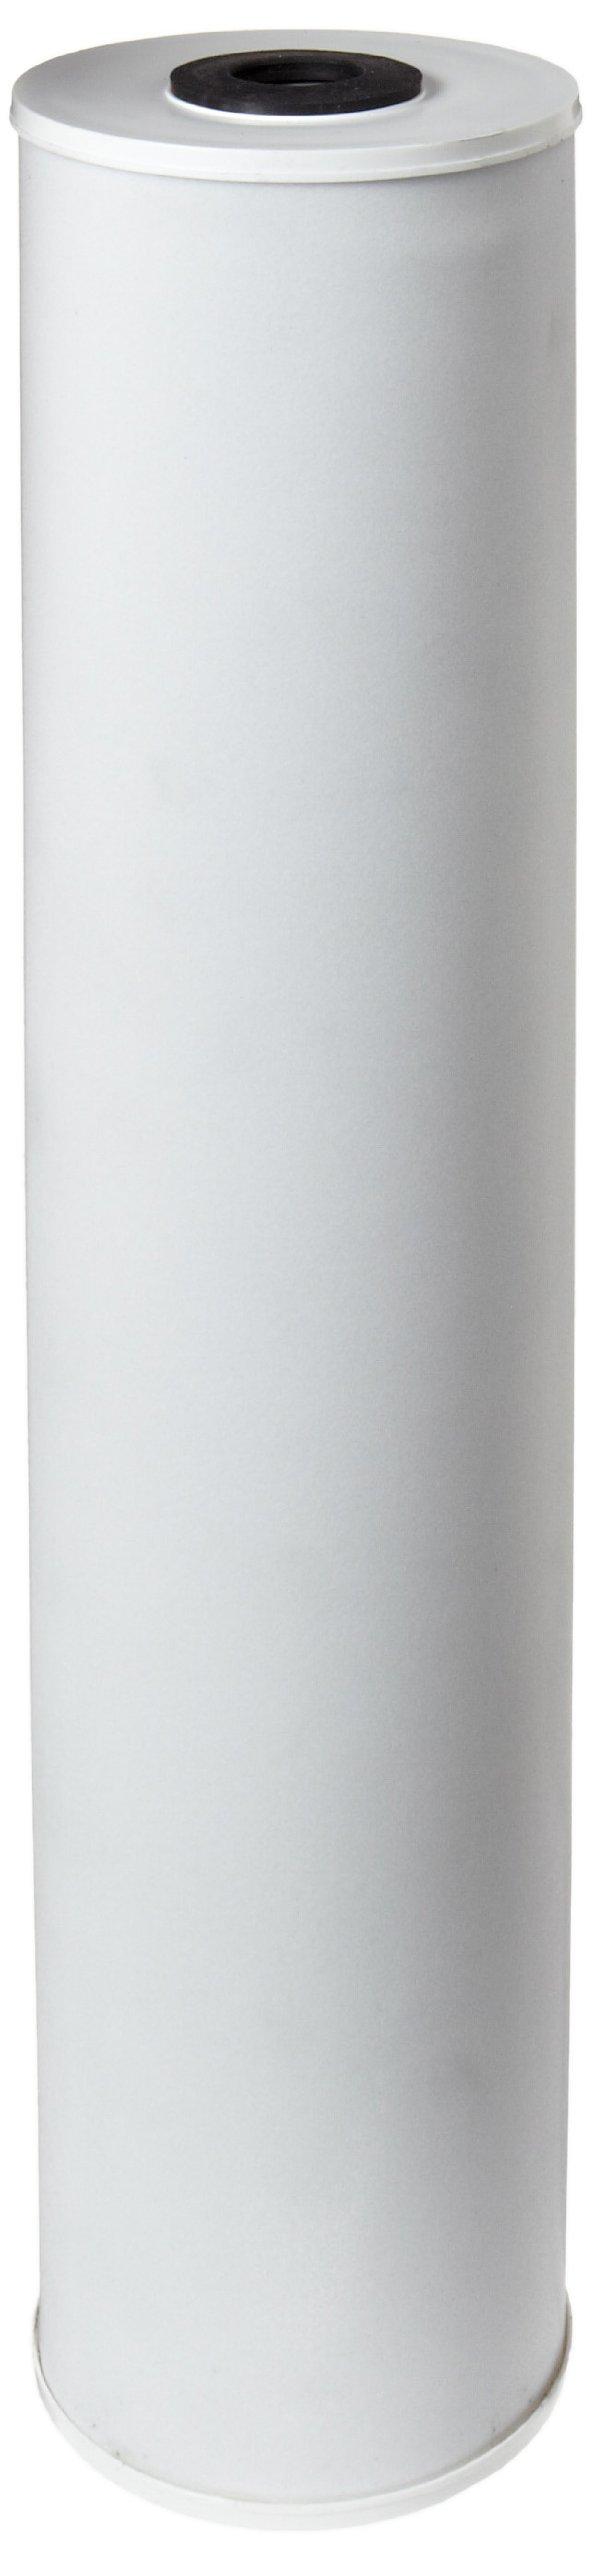 Pentek CRFC20-BB Carbon Filter Cartridge, 20'' x 4-1/2'', 25 Micron